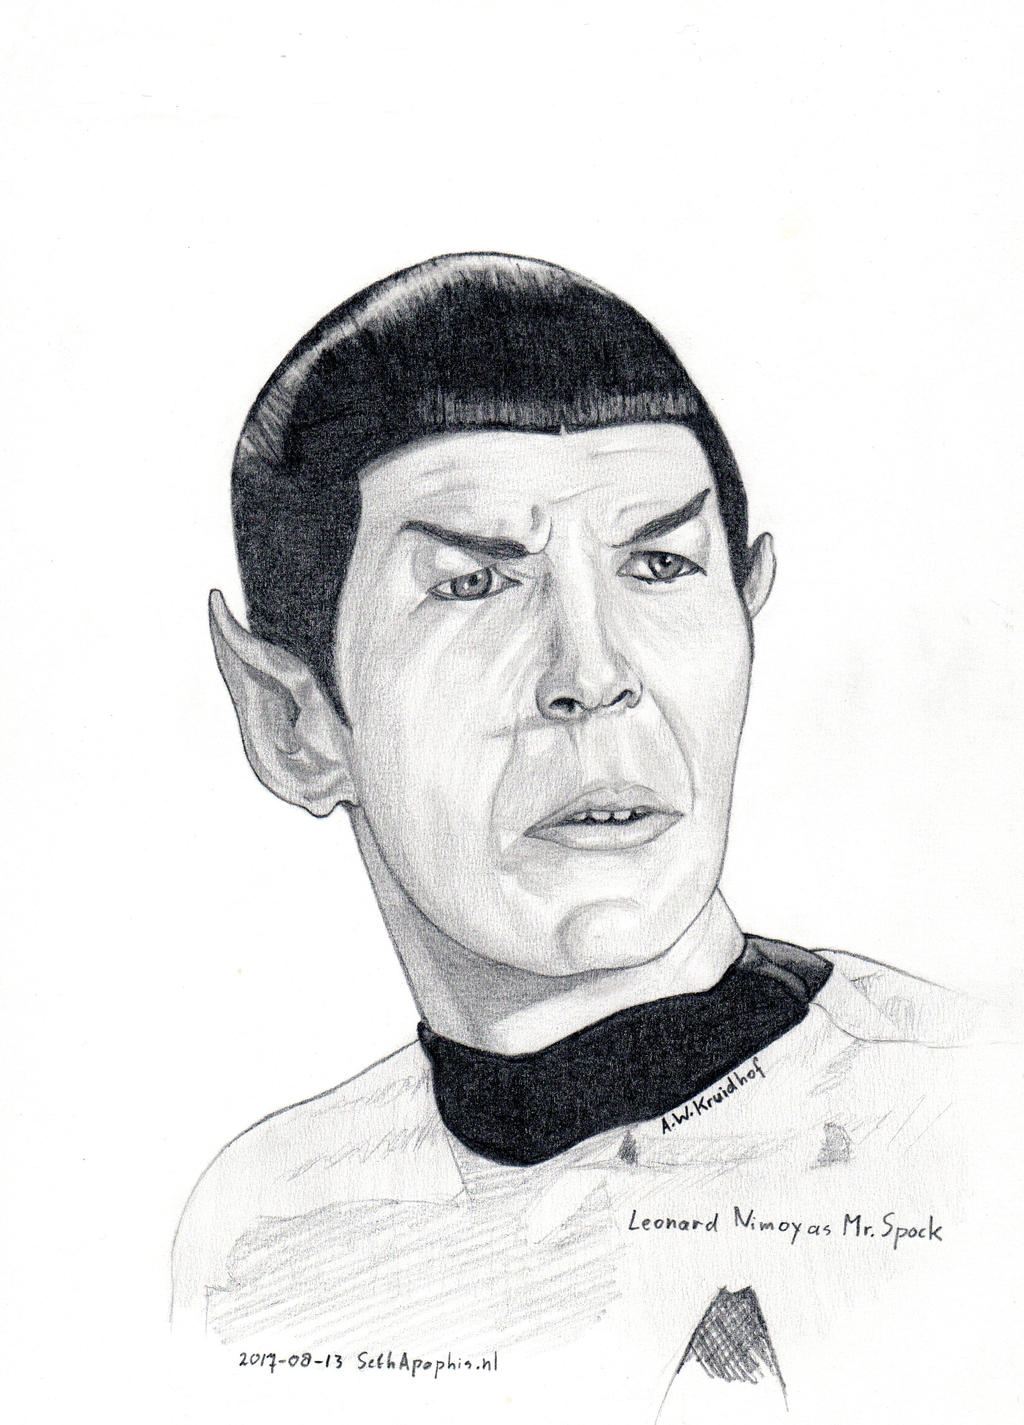 2017-08-13-Portrait Leonard Nimoy aka Mr Spock by SethApophis